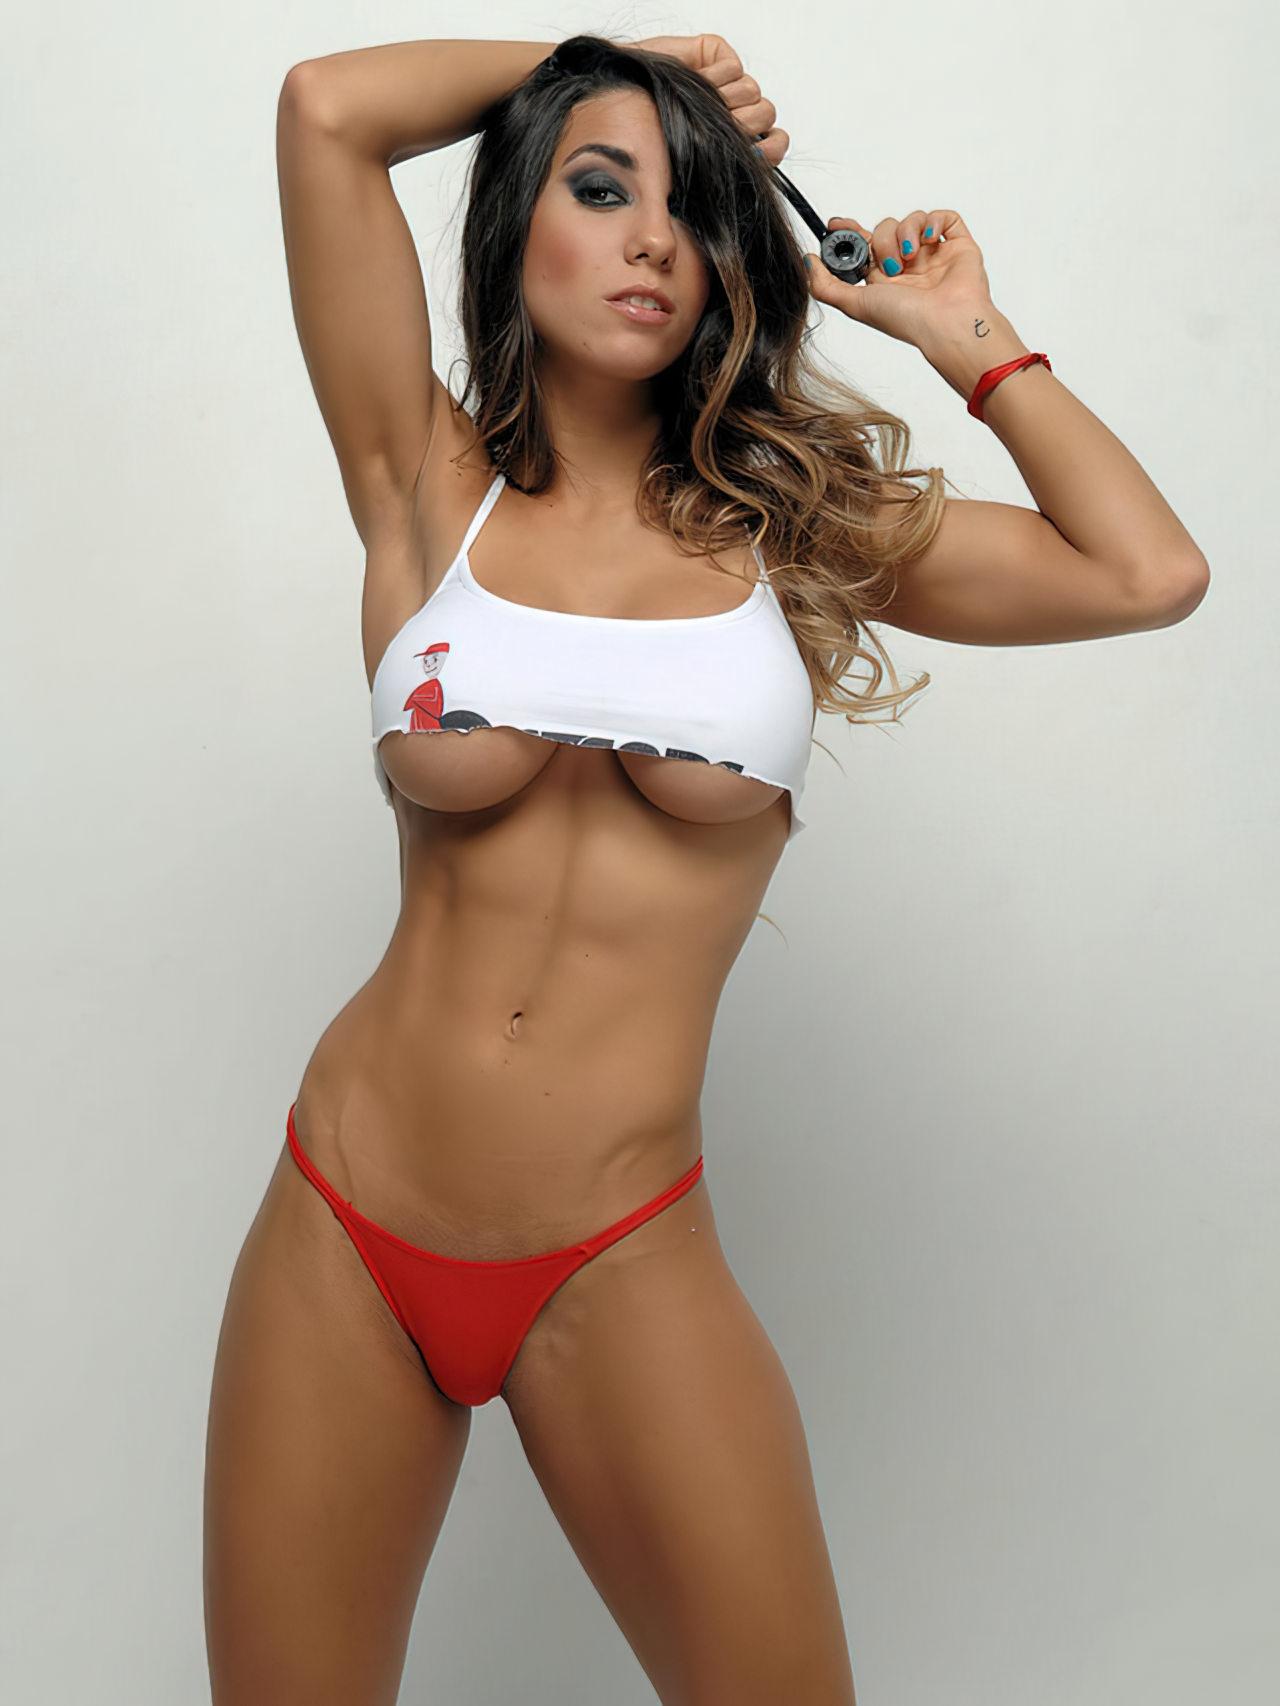 Mulheres Gostosas Nuas (42)